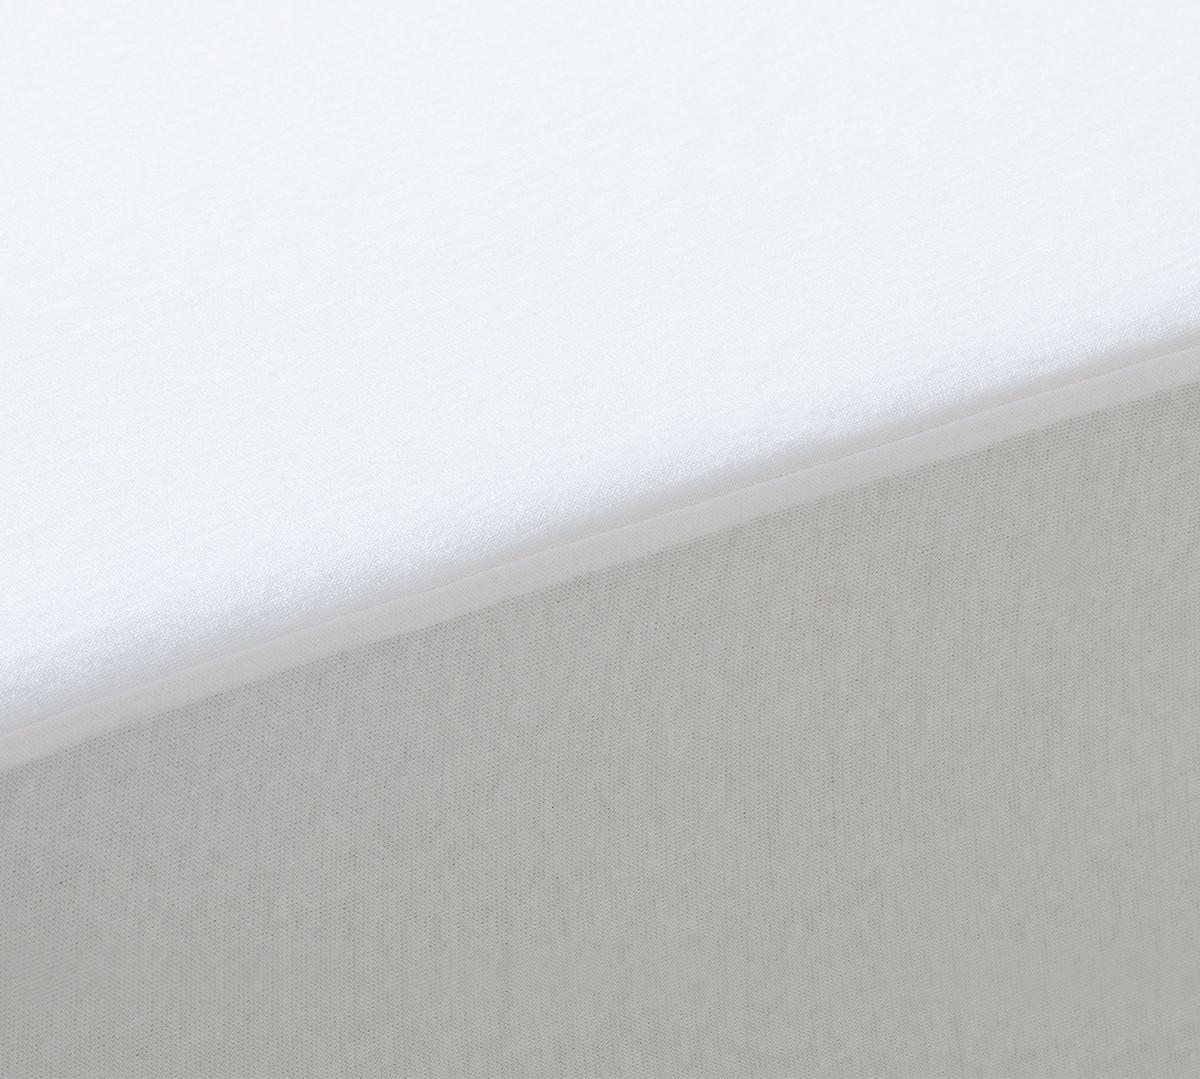 Protector de Colchón Punto Antiácaros Impermeable y Transpirable - Protectores de colchón